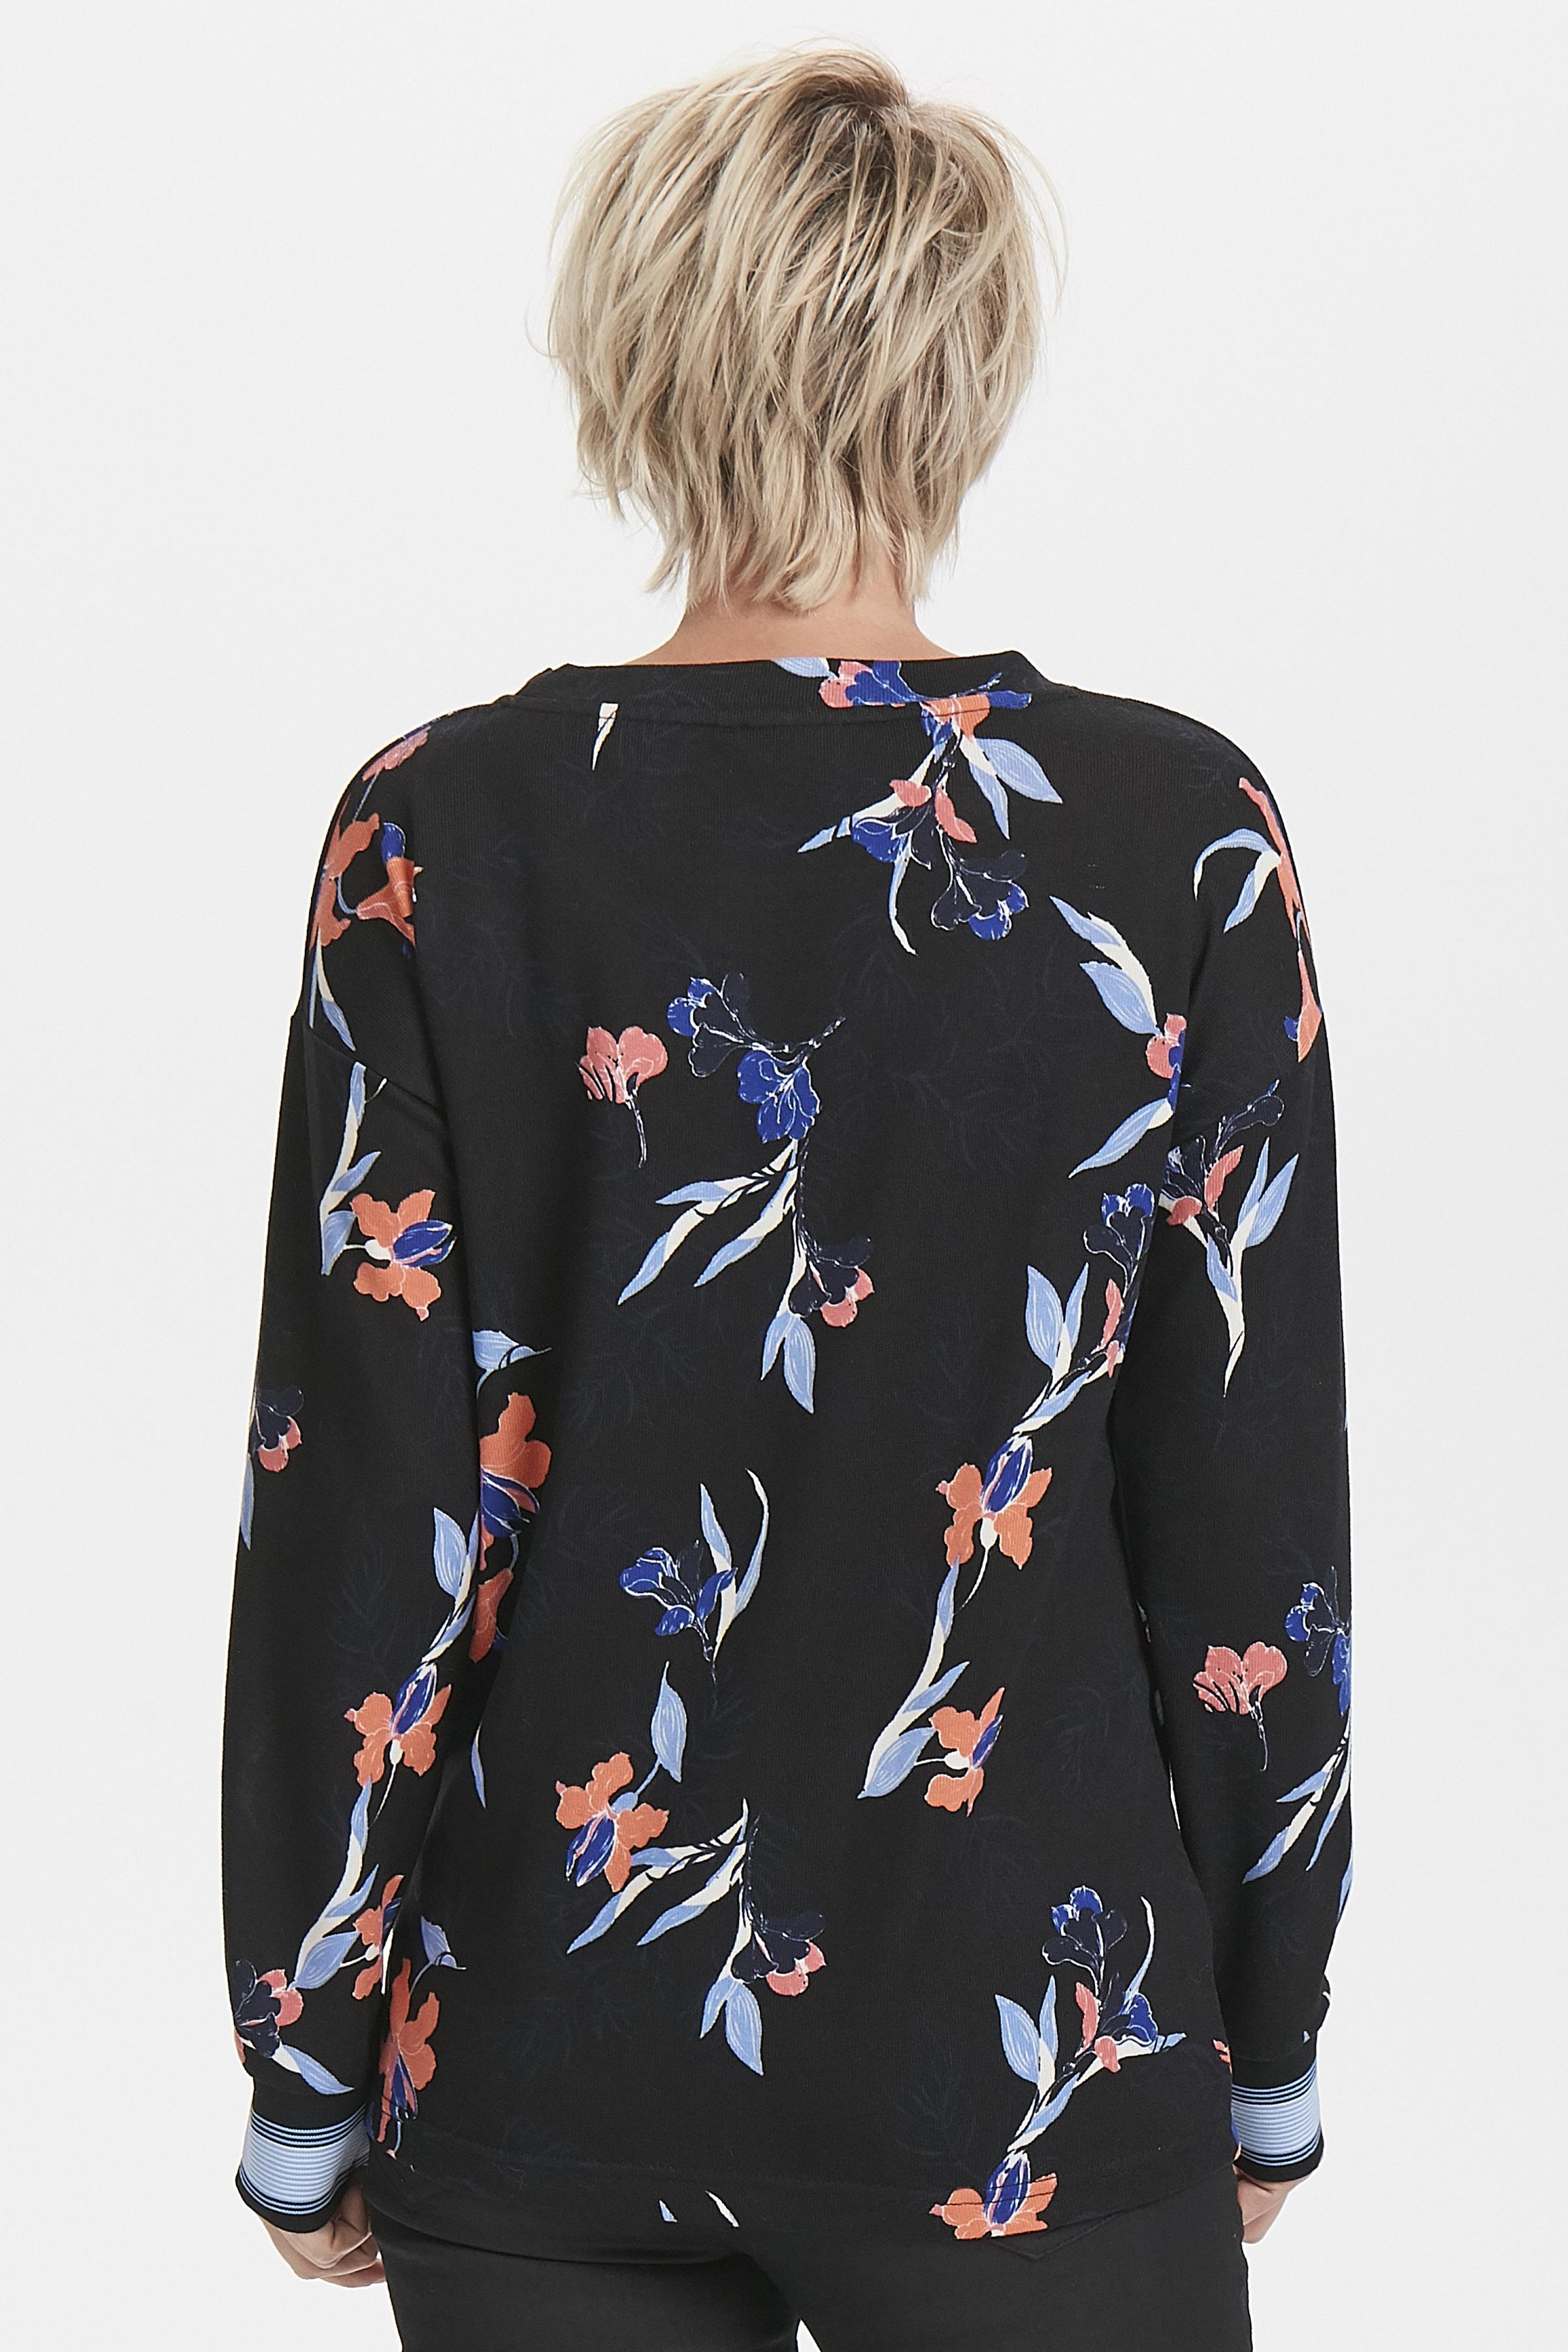 Sort/rosa Langærmet bluse fra b.young – Køb Sort/rosa Langærmet bluse fra str. XS-XXL her